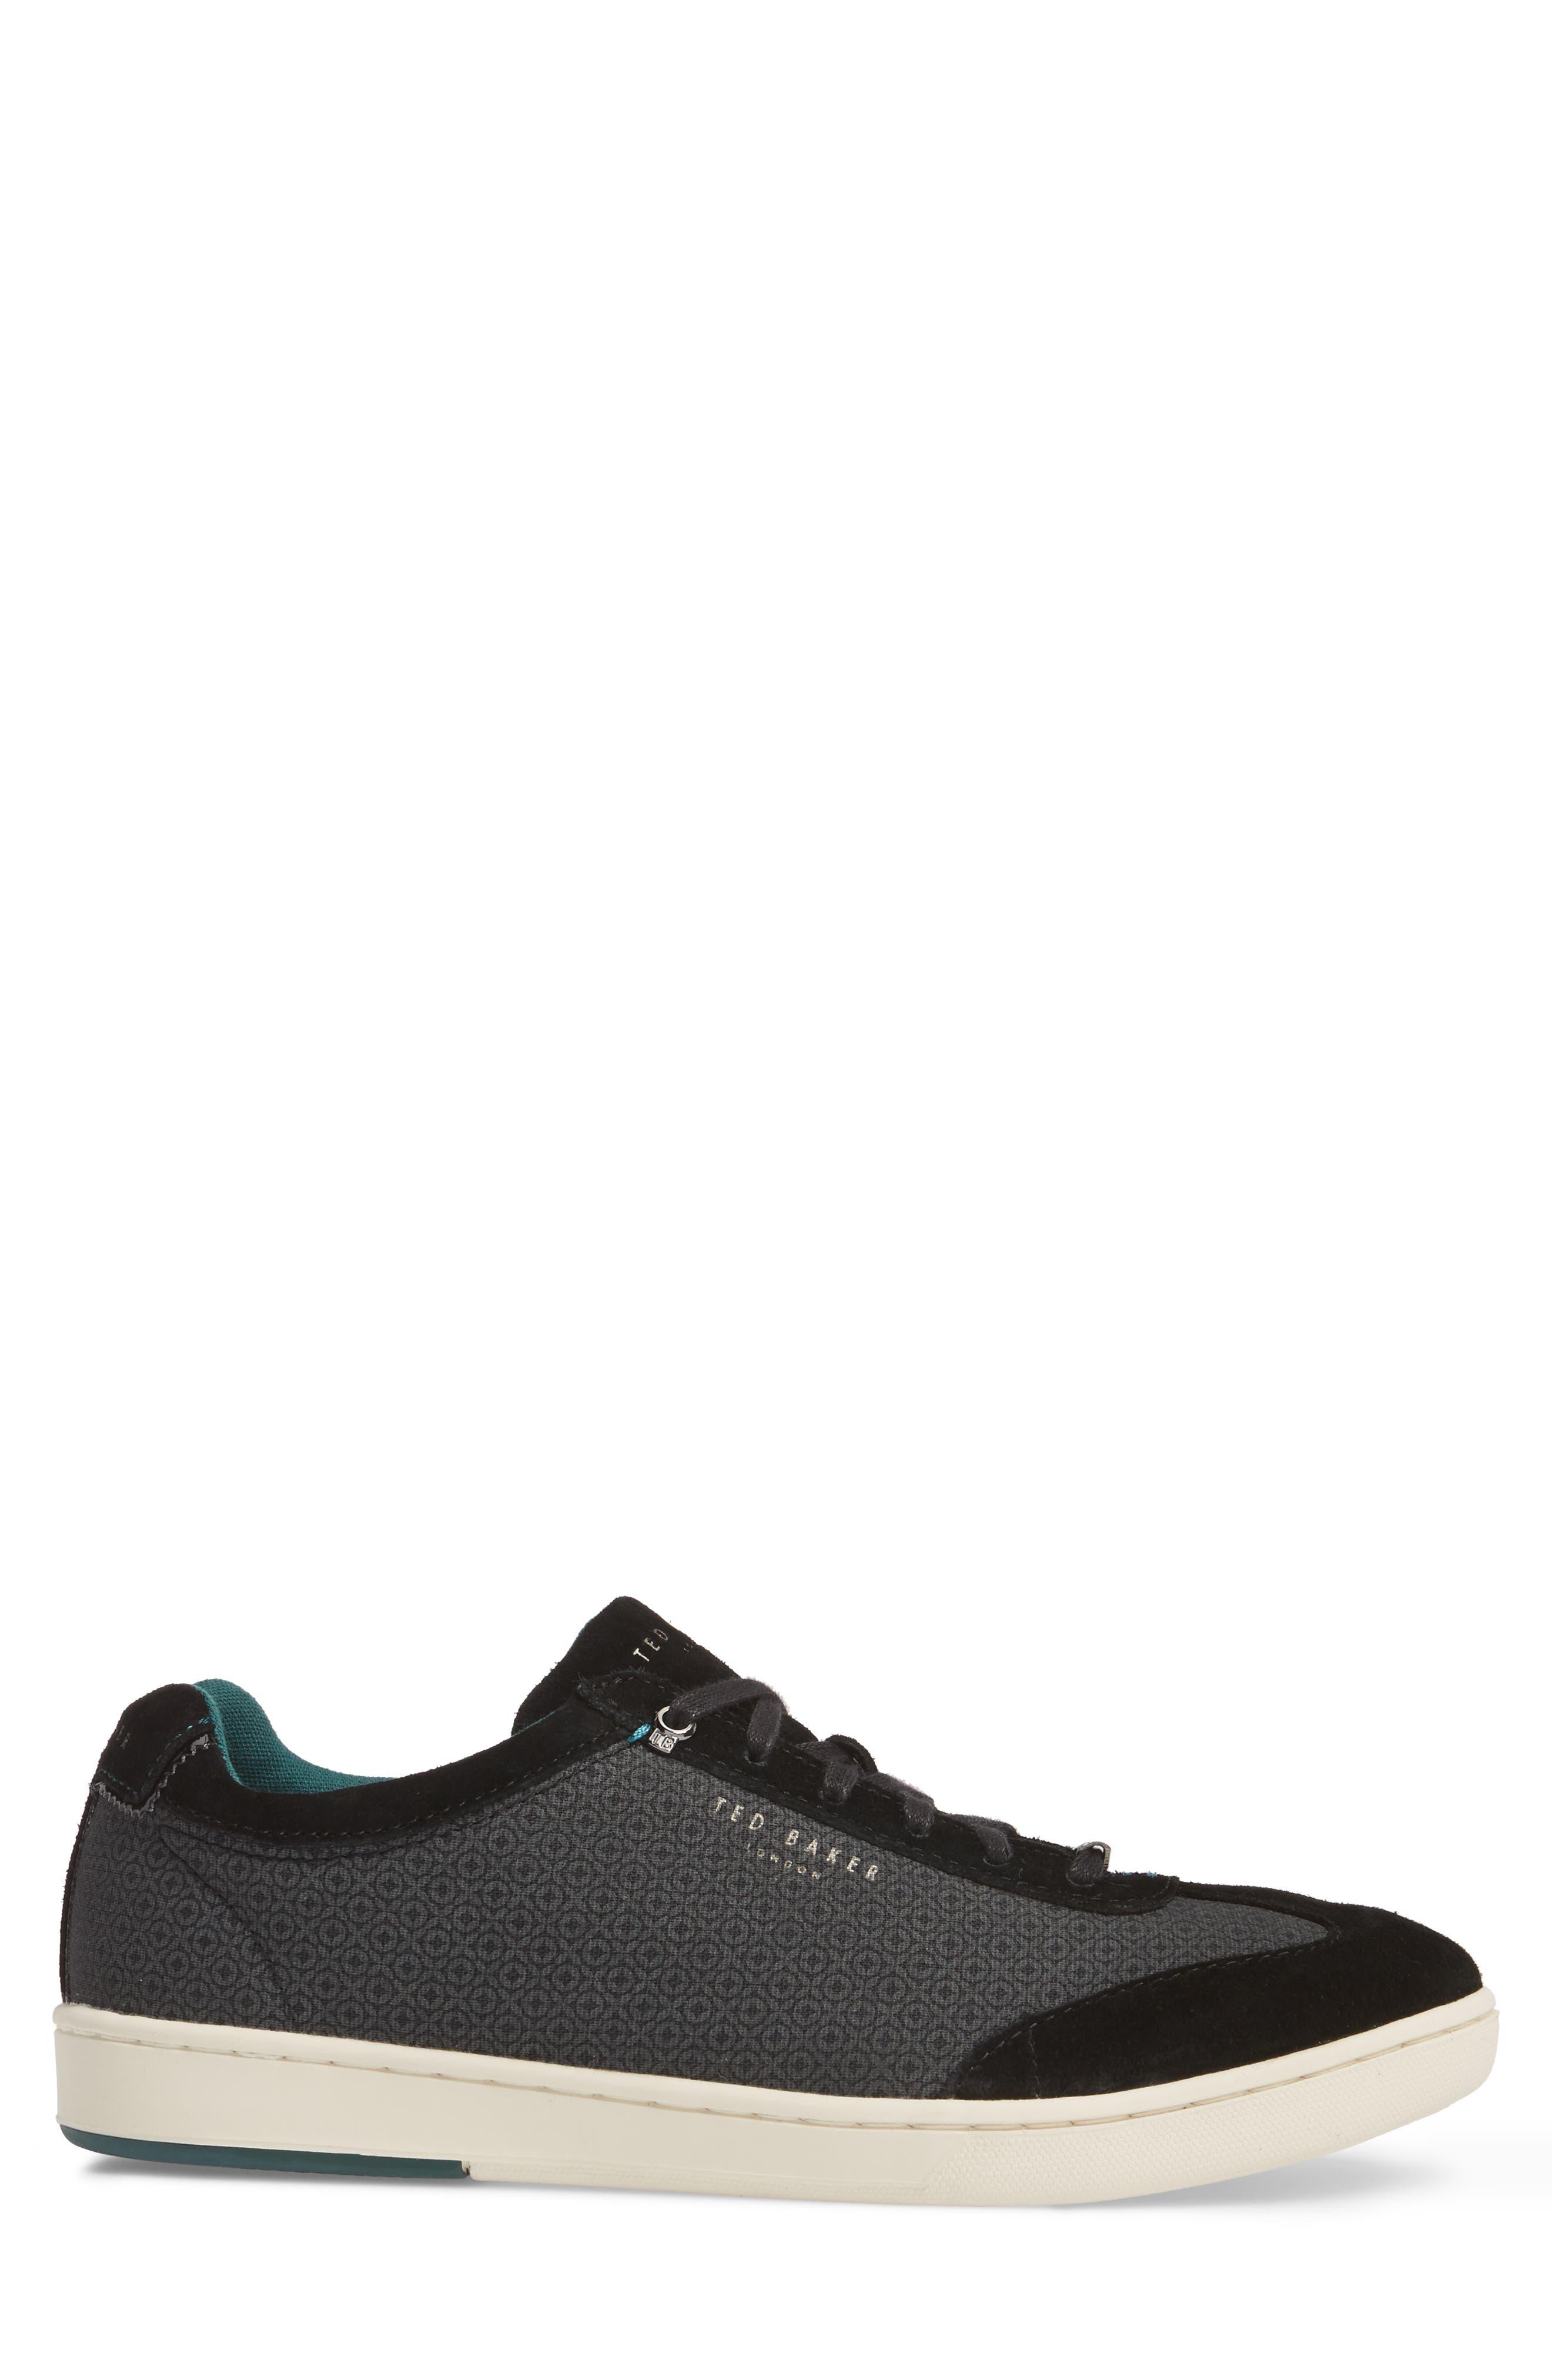 Kiefer Sneaker,                             Alternate thumbnail 3, color,                             011